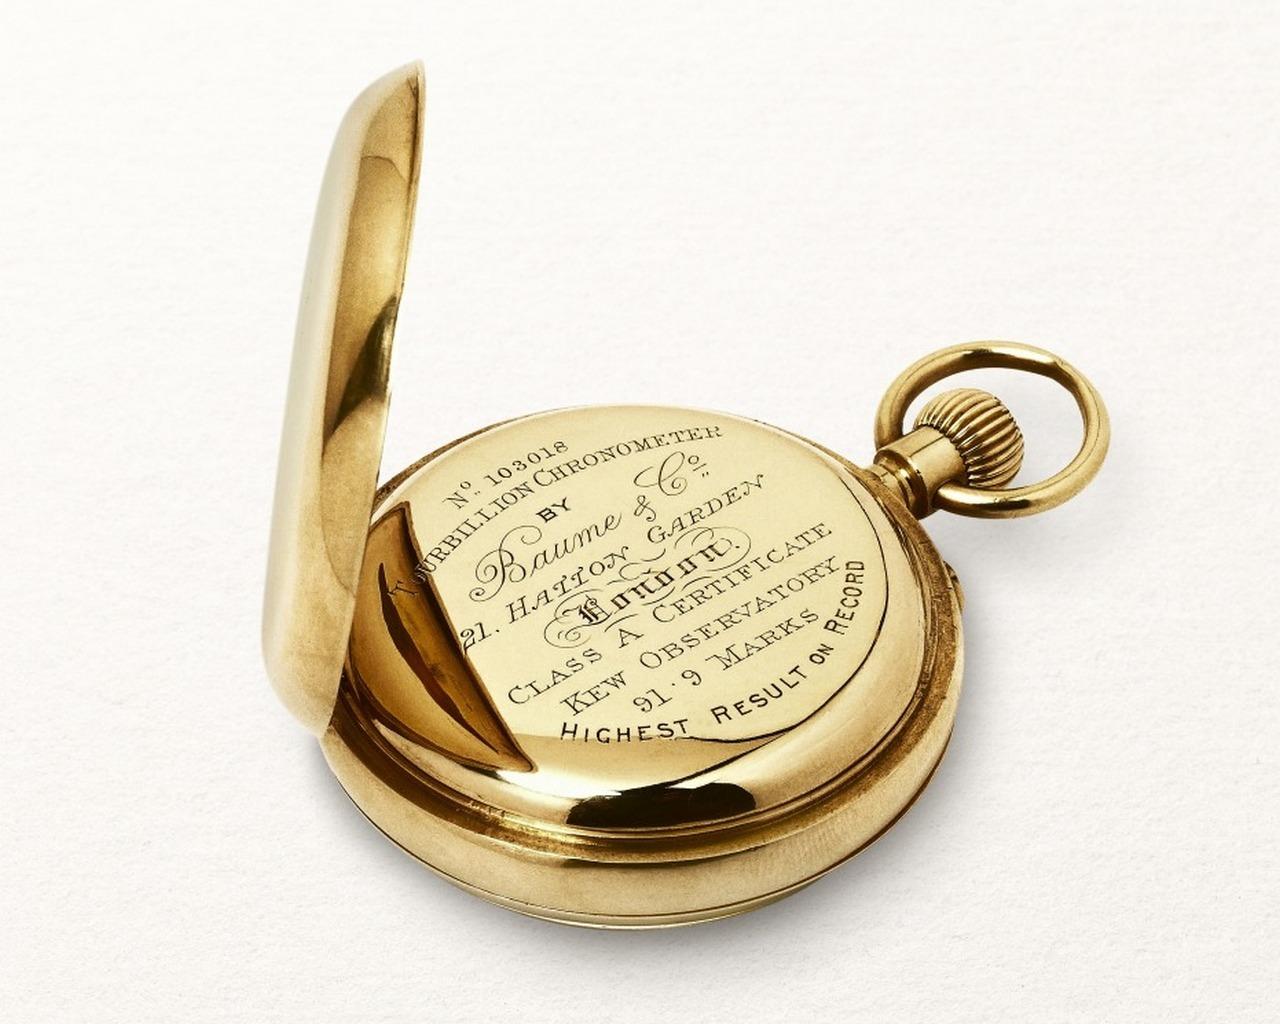 Baume-et-Mercier-chronometer-tourbillon-1892_0-1002